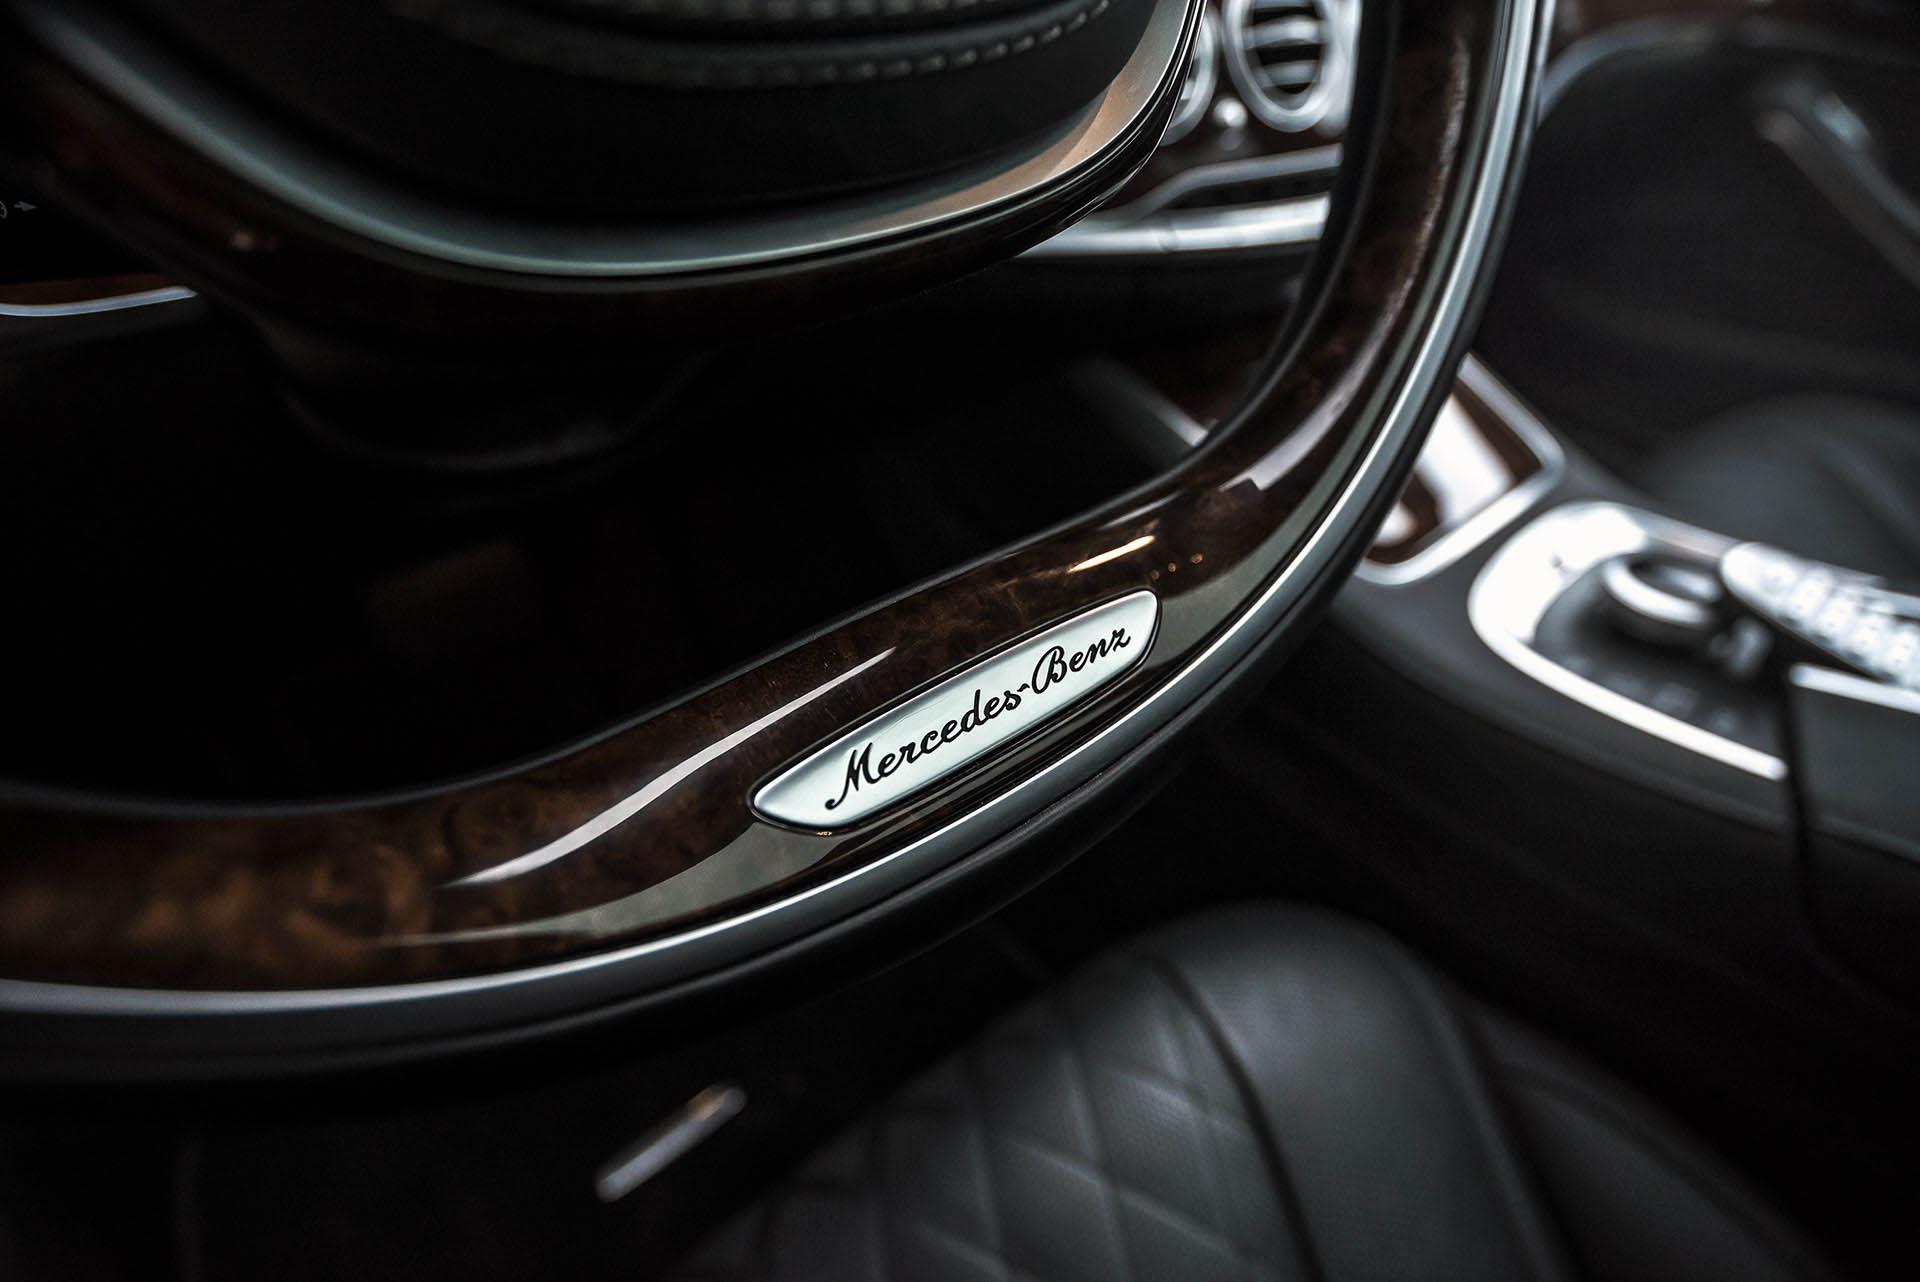 B+K_Sportwagen_Rheinland_GmbH_Mercedes_Benz_Sklasse_500_schwarz_8